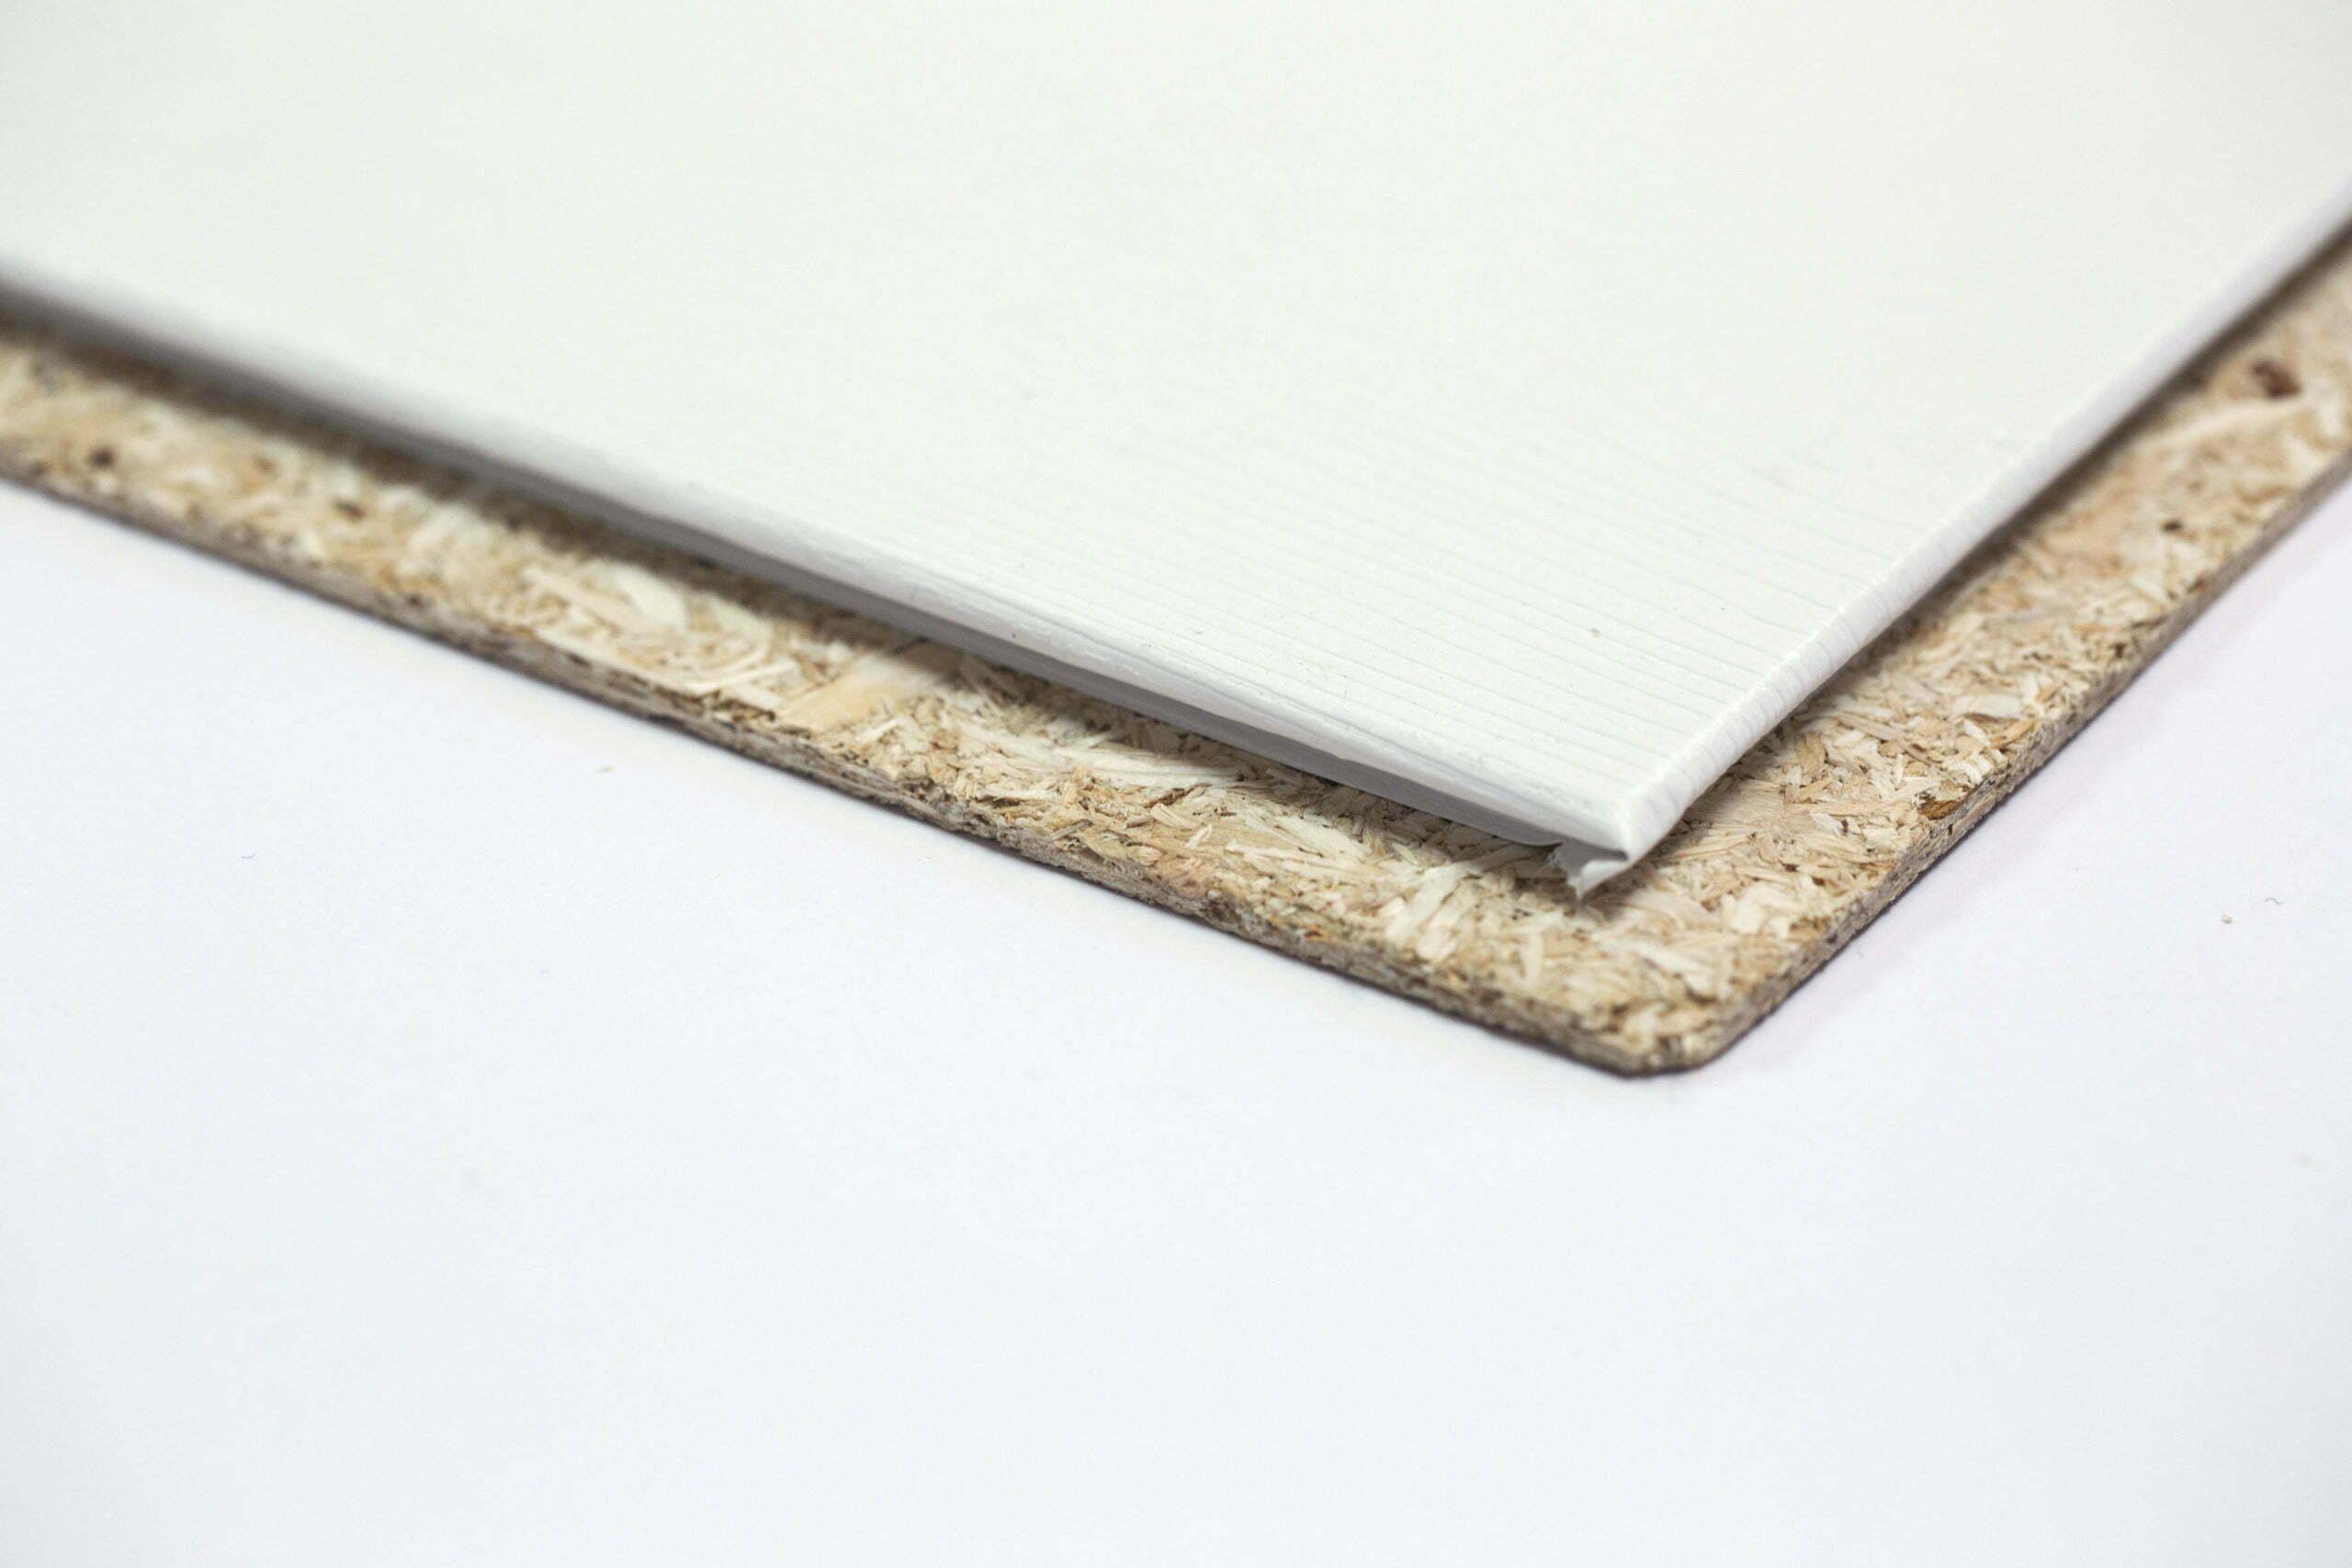 Elit plafond paneel - Dijkmans B.V. - Duurzaam en slim (af)bouwen